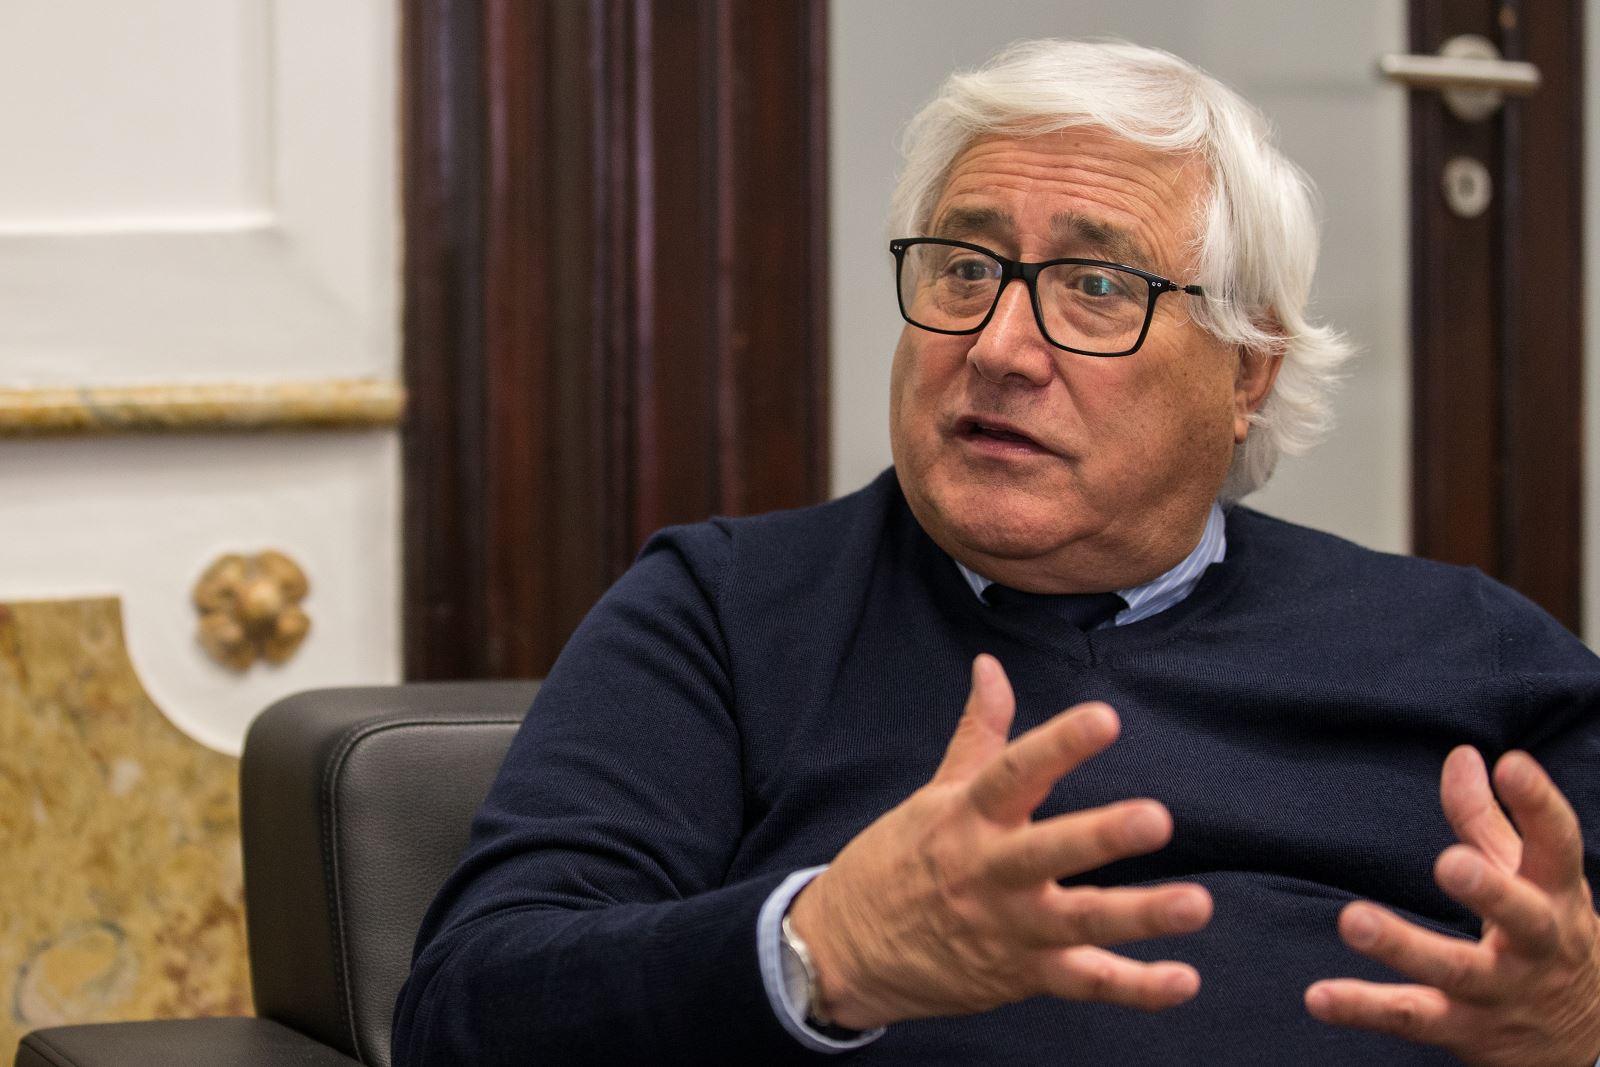 Presidente da UMP na entrevista TSF/JN